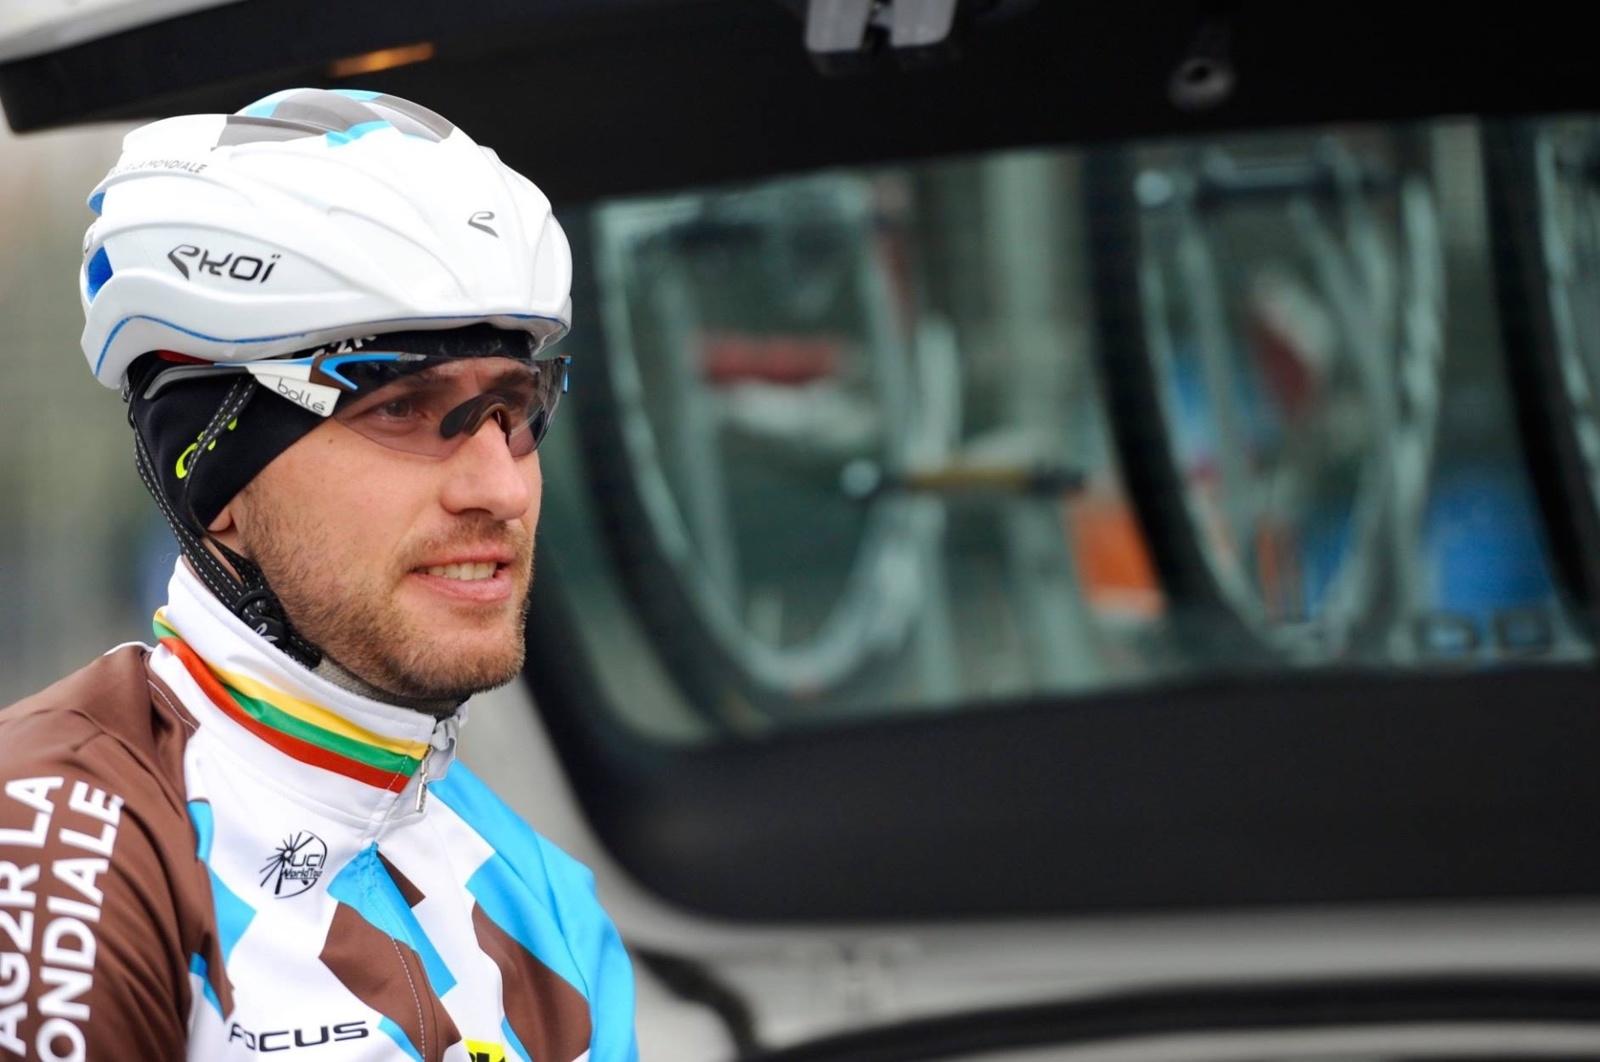 Dviratininkas G. Bagdonas lenktynėse Olandijoje užėmė 62-ąją vietą